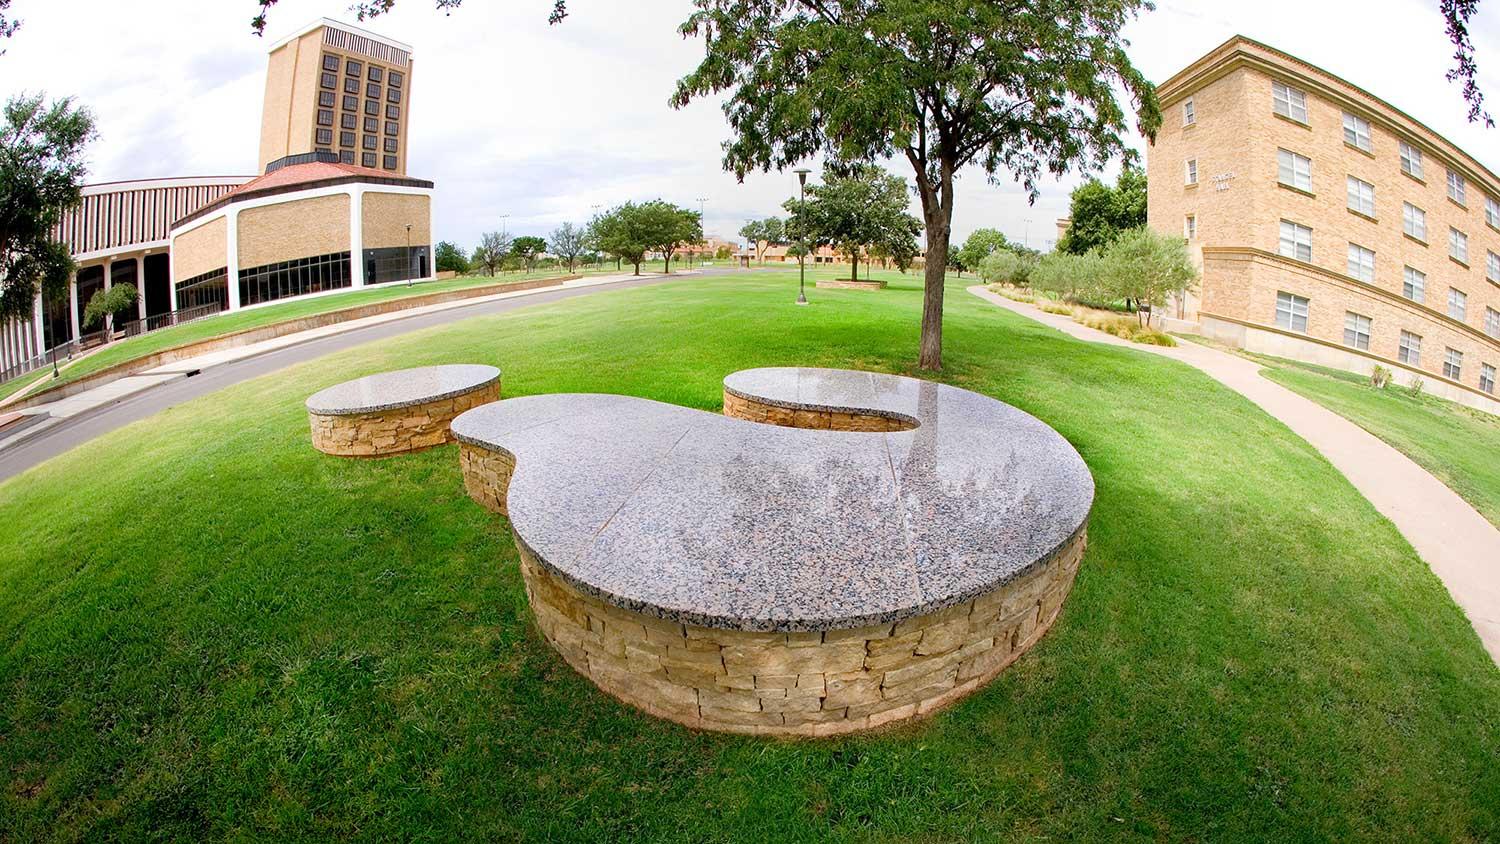 Grygutis_Universal-Signs_Lubbock-Texas_00.jpg